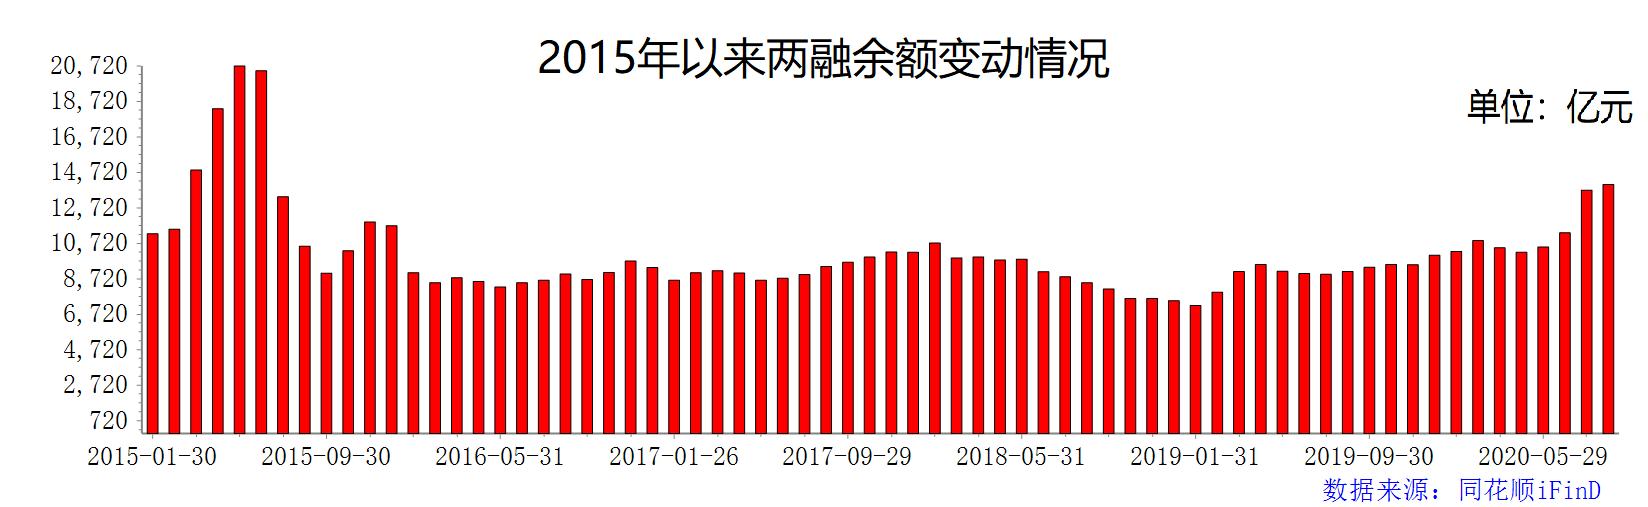 八月首周两融余额创5年新高  增幅达2.72%